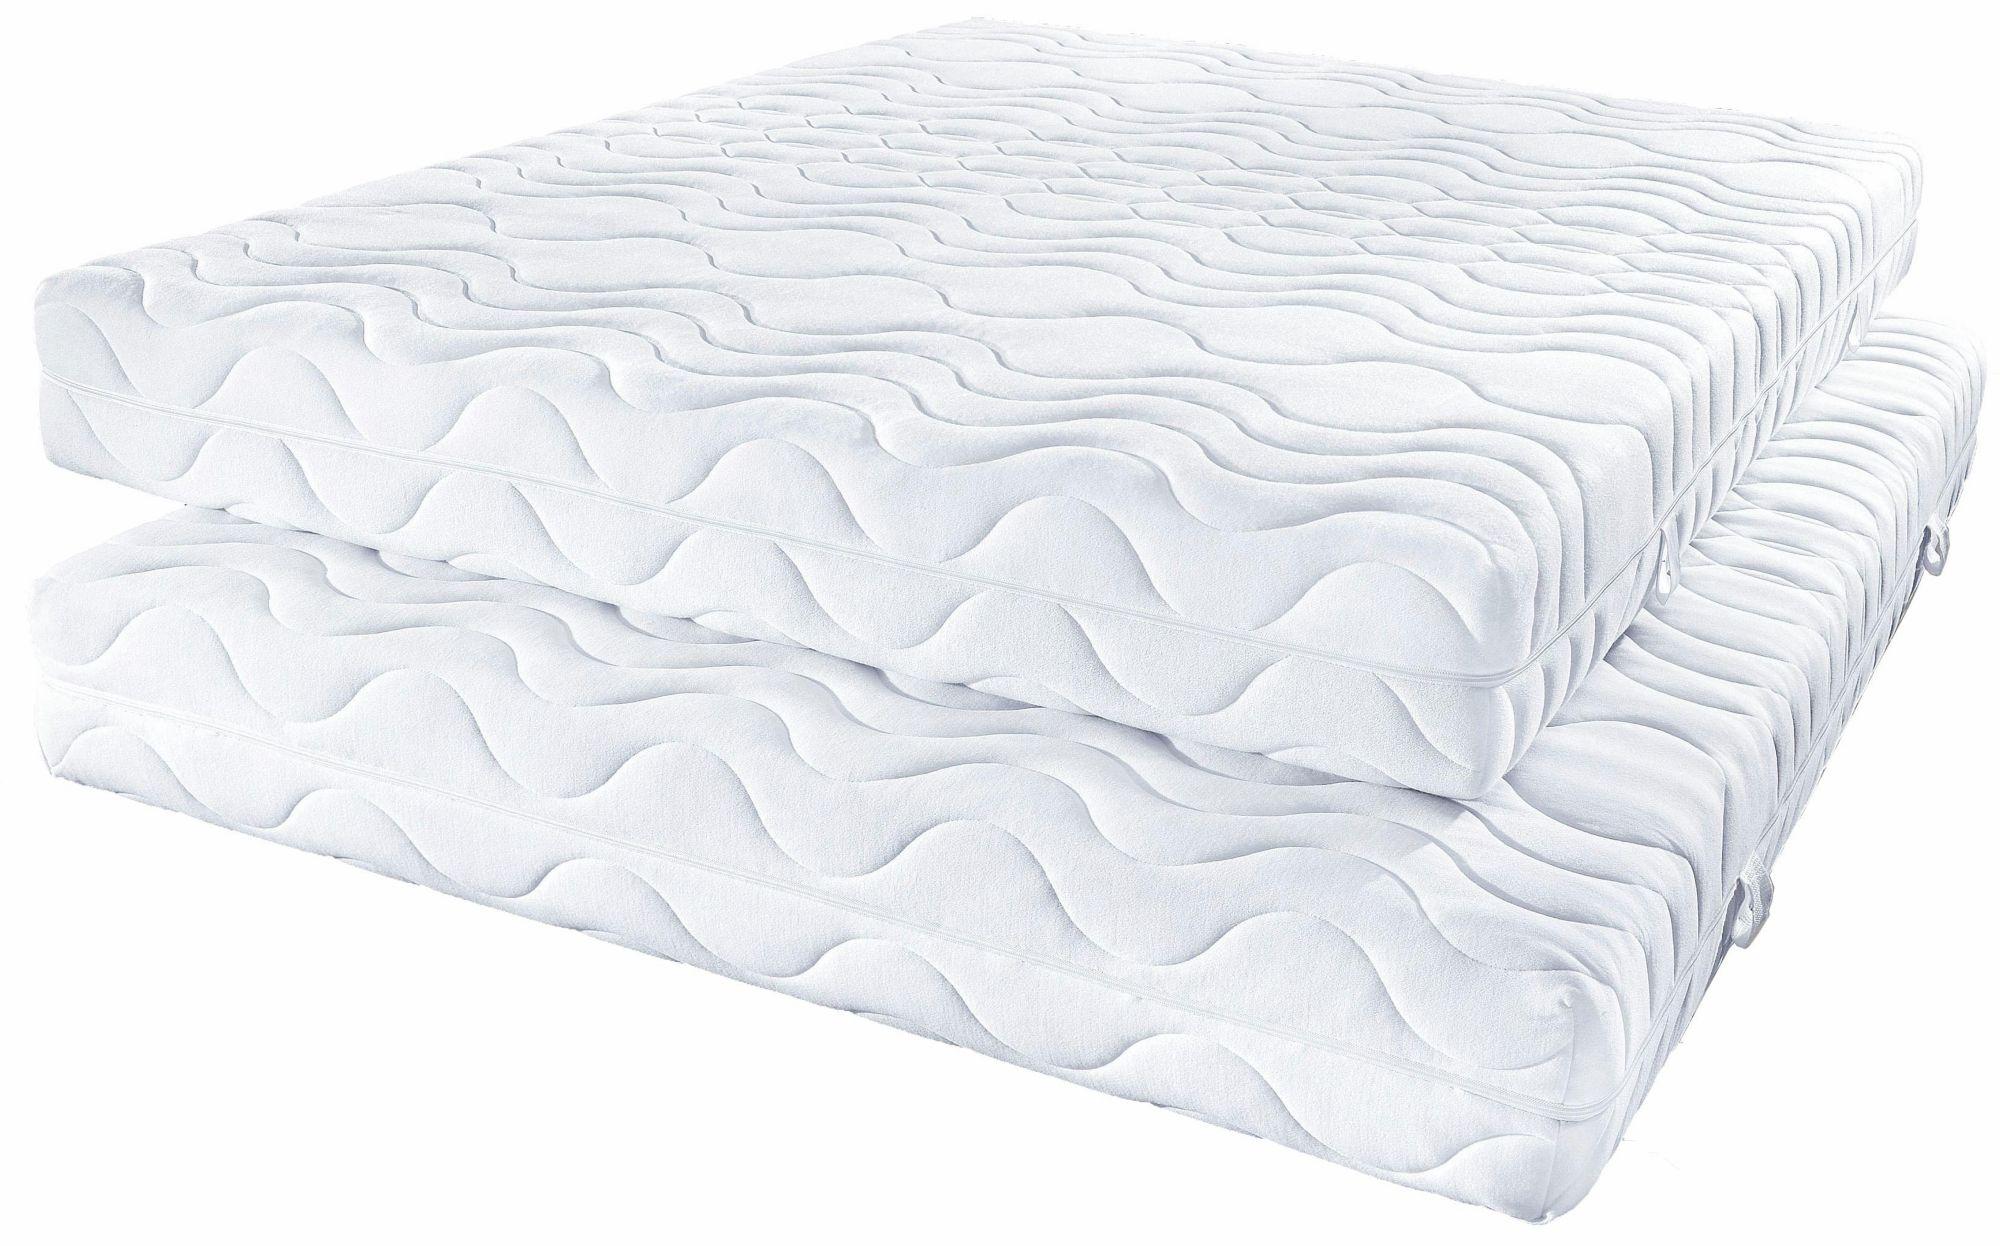 BECO Komfortschaummatratze, »Frottee KS & Deluxe«, BeCo, Raumgewicht: 28, in 2 Höhen, das Schnäppchen für ihr Doppelbett